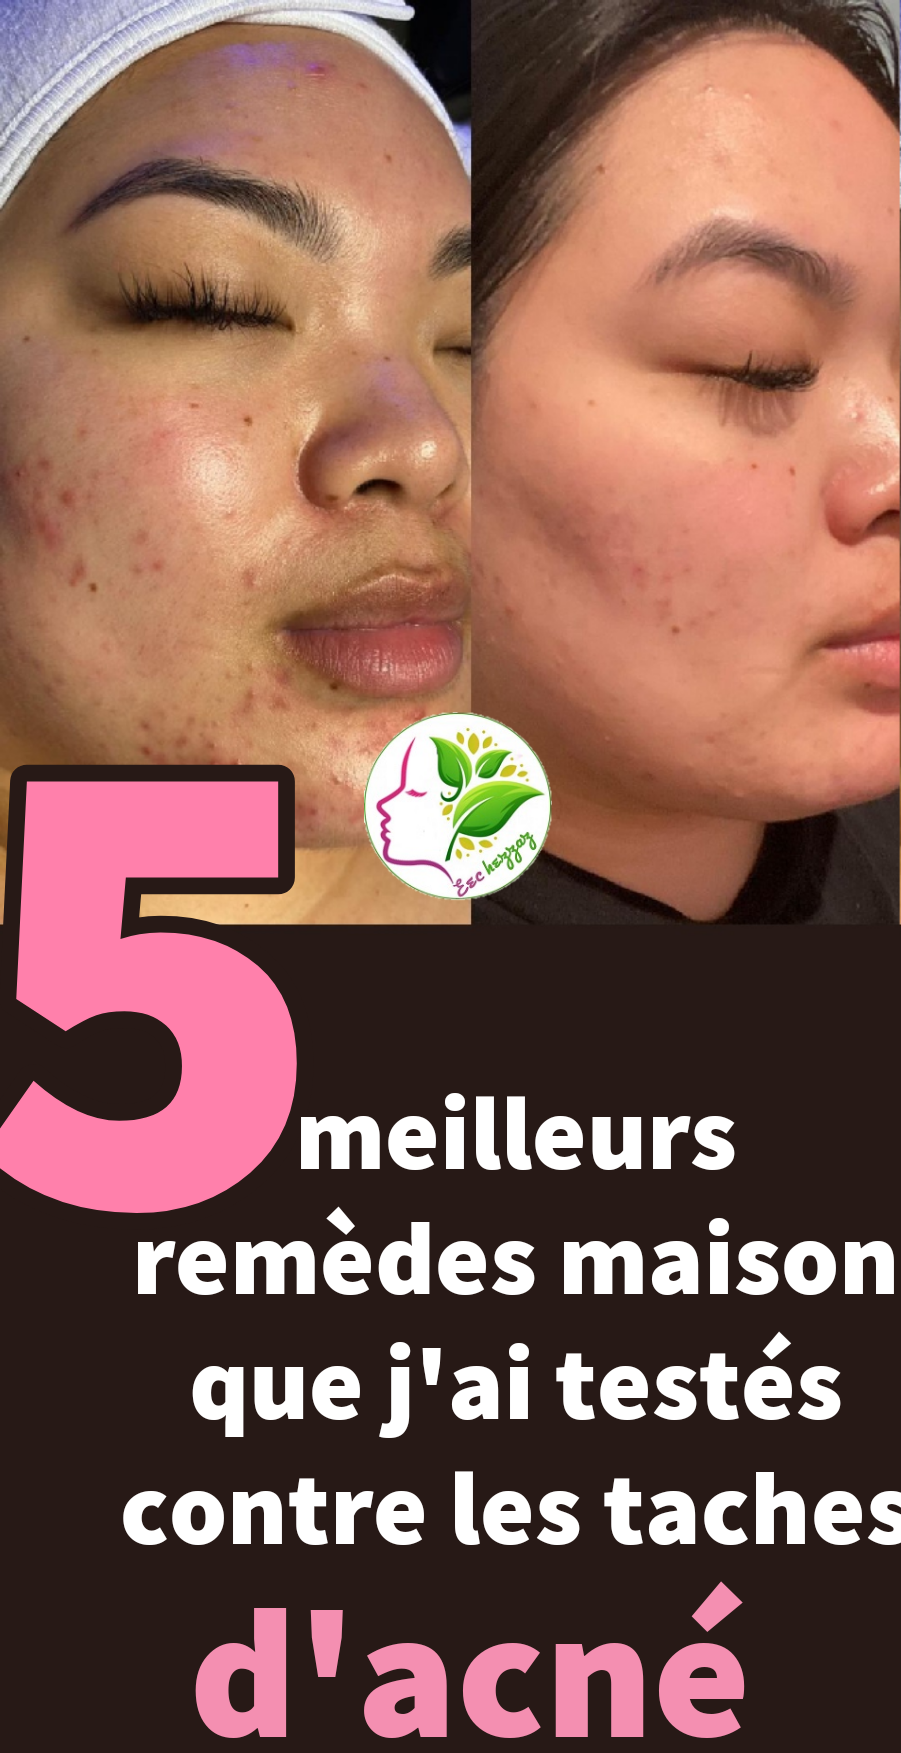 5 meilleurs remèdes maison que j'ai testés contre les taches d'acné